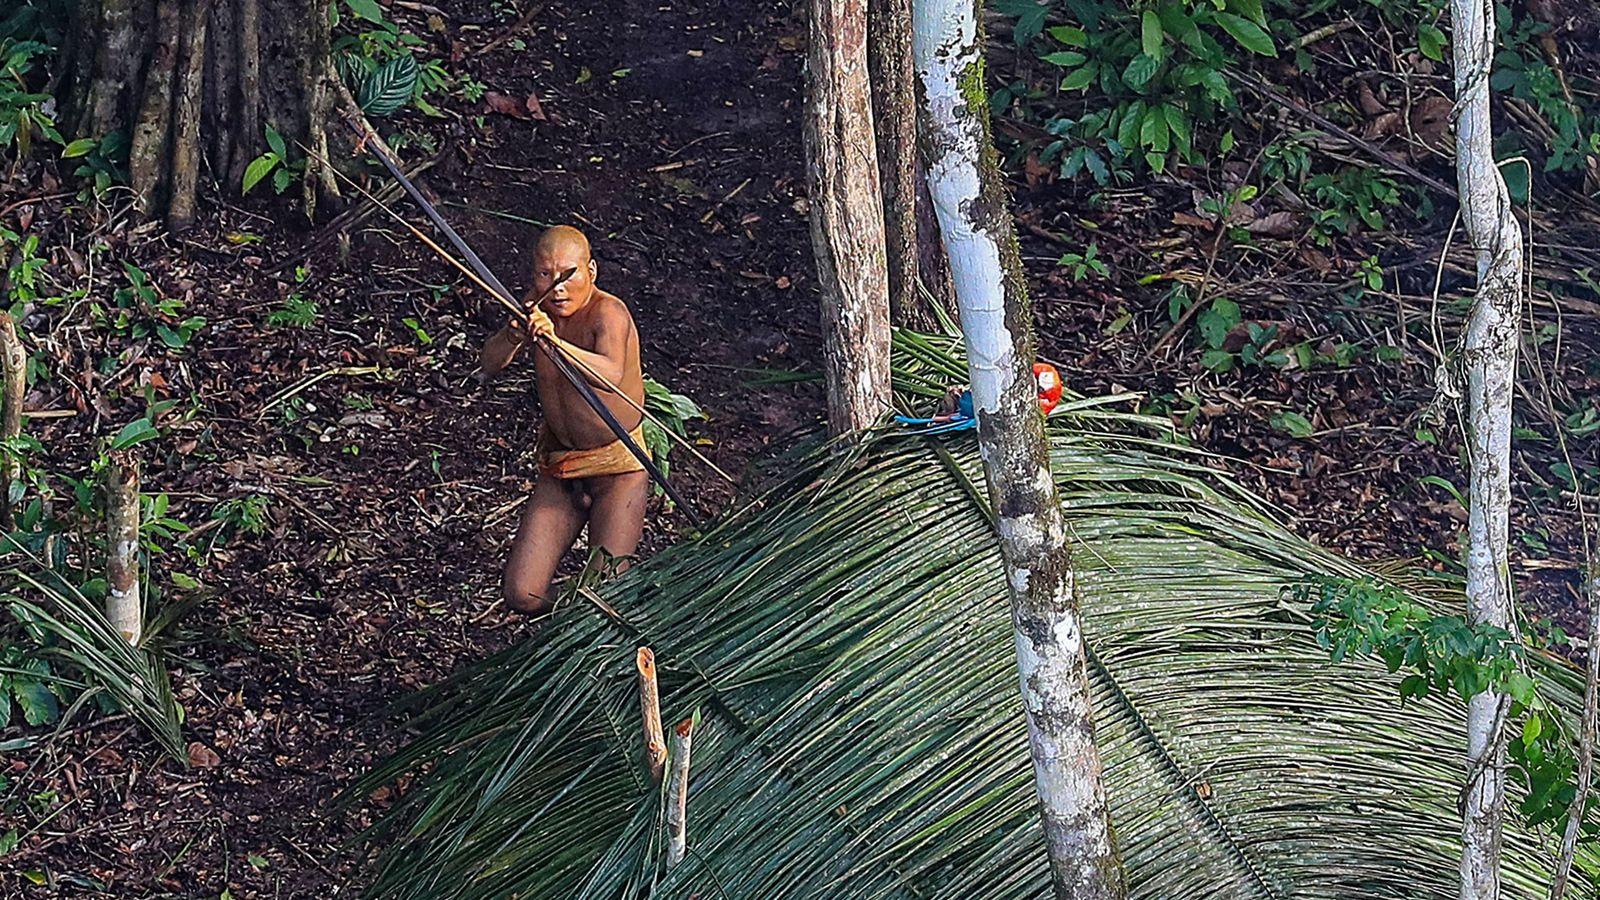 Imagen de un miembro de la tribu del Amazonas, en Brasil, apuntando una flecha